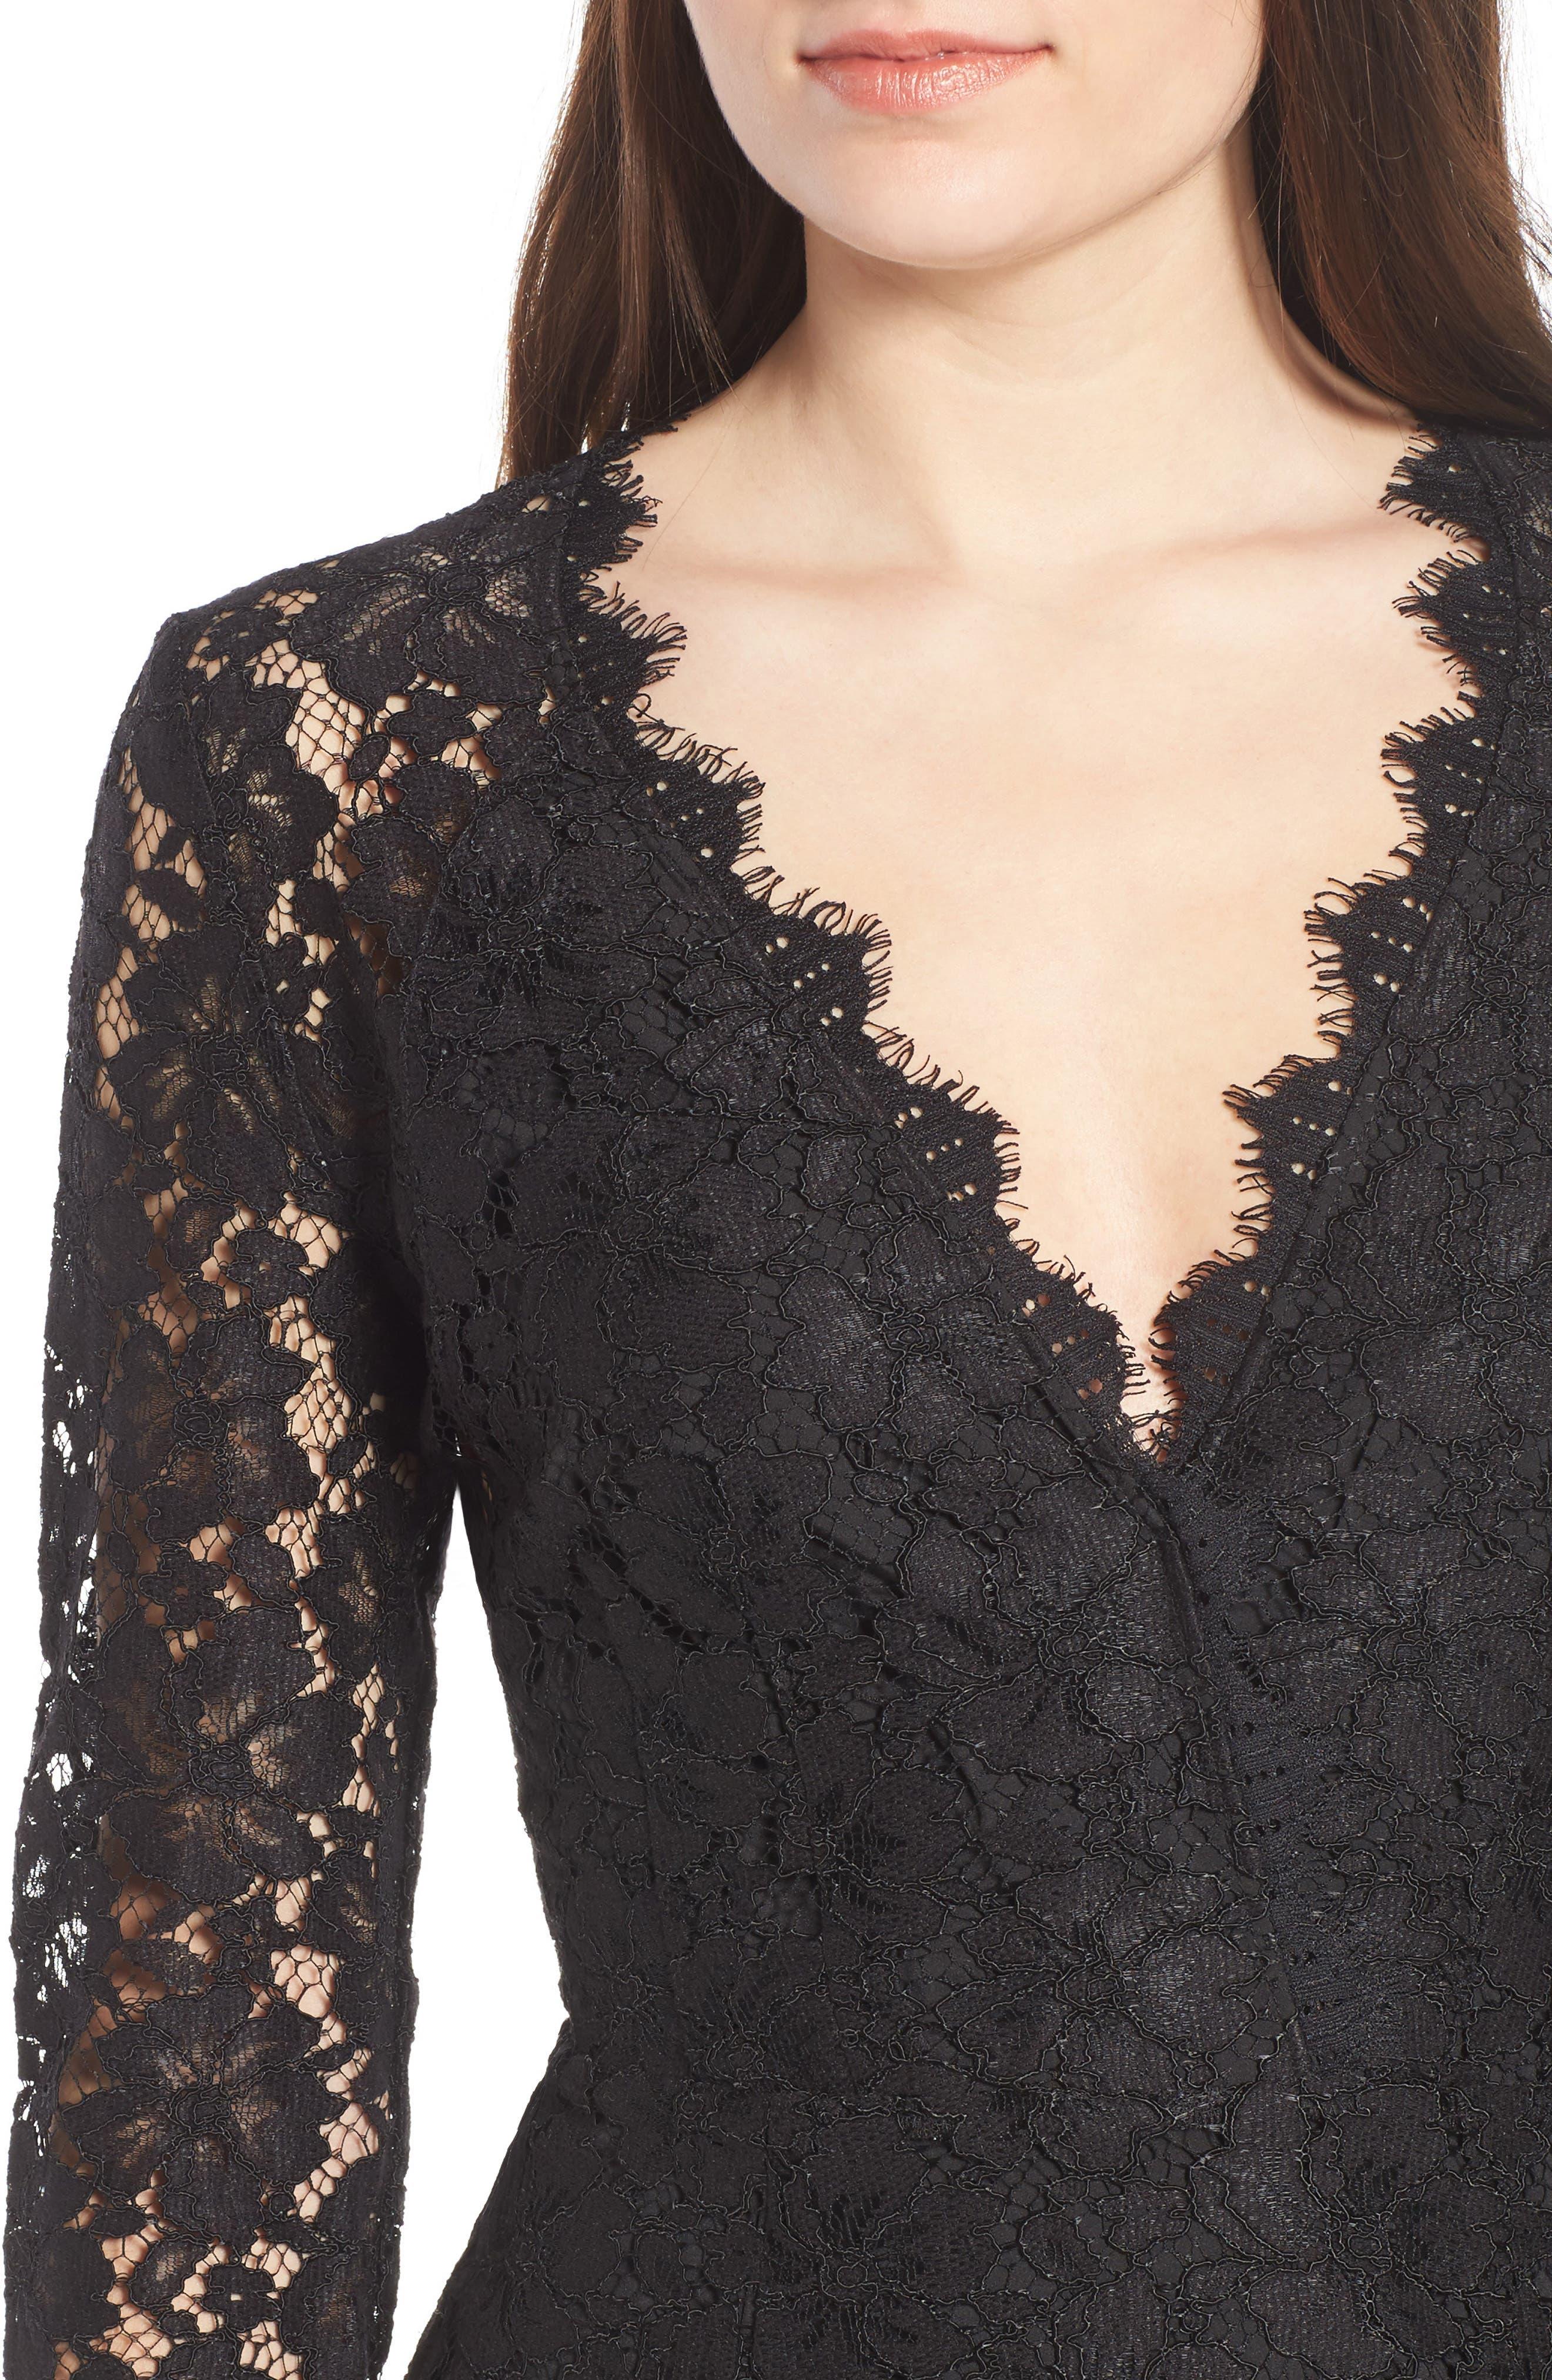 Say It Out Loud Lace Dress,                             Alternate thumbnail 4, color,                             Black